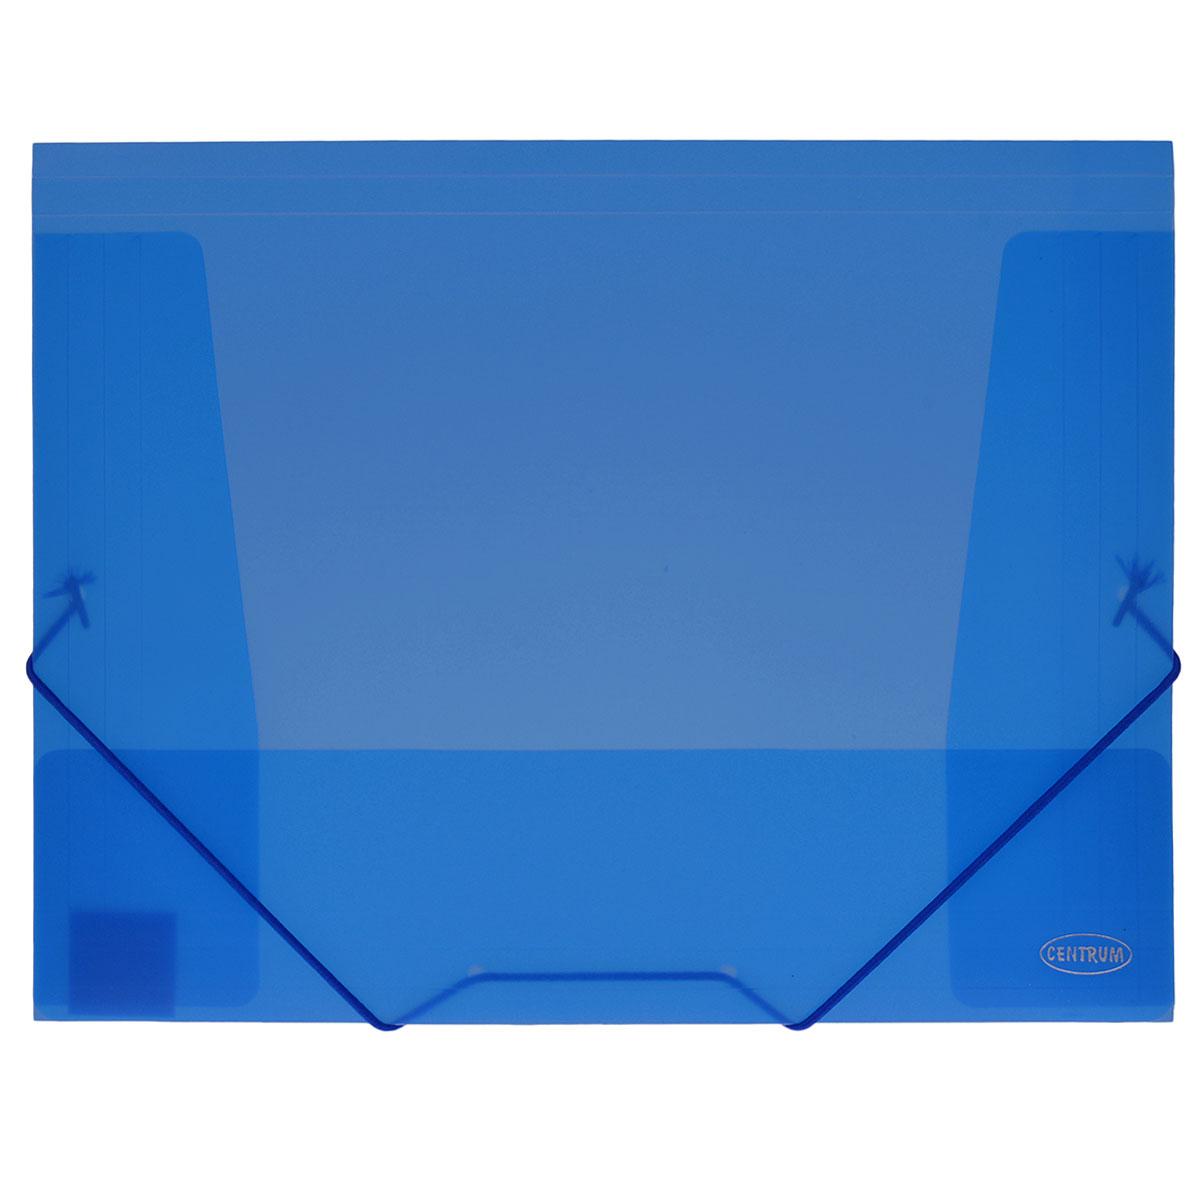 Папка-конверт на резинке Centrum, цвет: синий. Формат А4. 80016C13S041944Папка-конверт на резинке Centrum - это удобный и функциональный офисный инструмент, предназначенный для хранения итранспортировки рабочих бумаг и документов формата А4.Папка с двойной угловой фиксацией резиновой лентой изготовлена из износостойкого полупрозрачного пластика. Внутри папка имеет три клапана, что обеспечивает надежную фиксацию бумаг и документов.Папка - это незаменимый атрибут для студента, школьника, офисного работника. Такая папка надежно сохранит ваши документы исбережет их от повреждений, пыли и влаги.